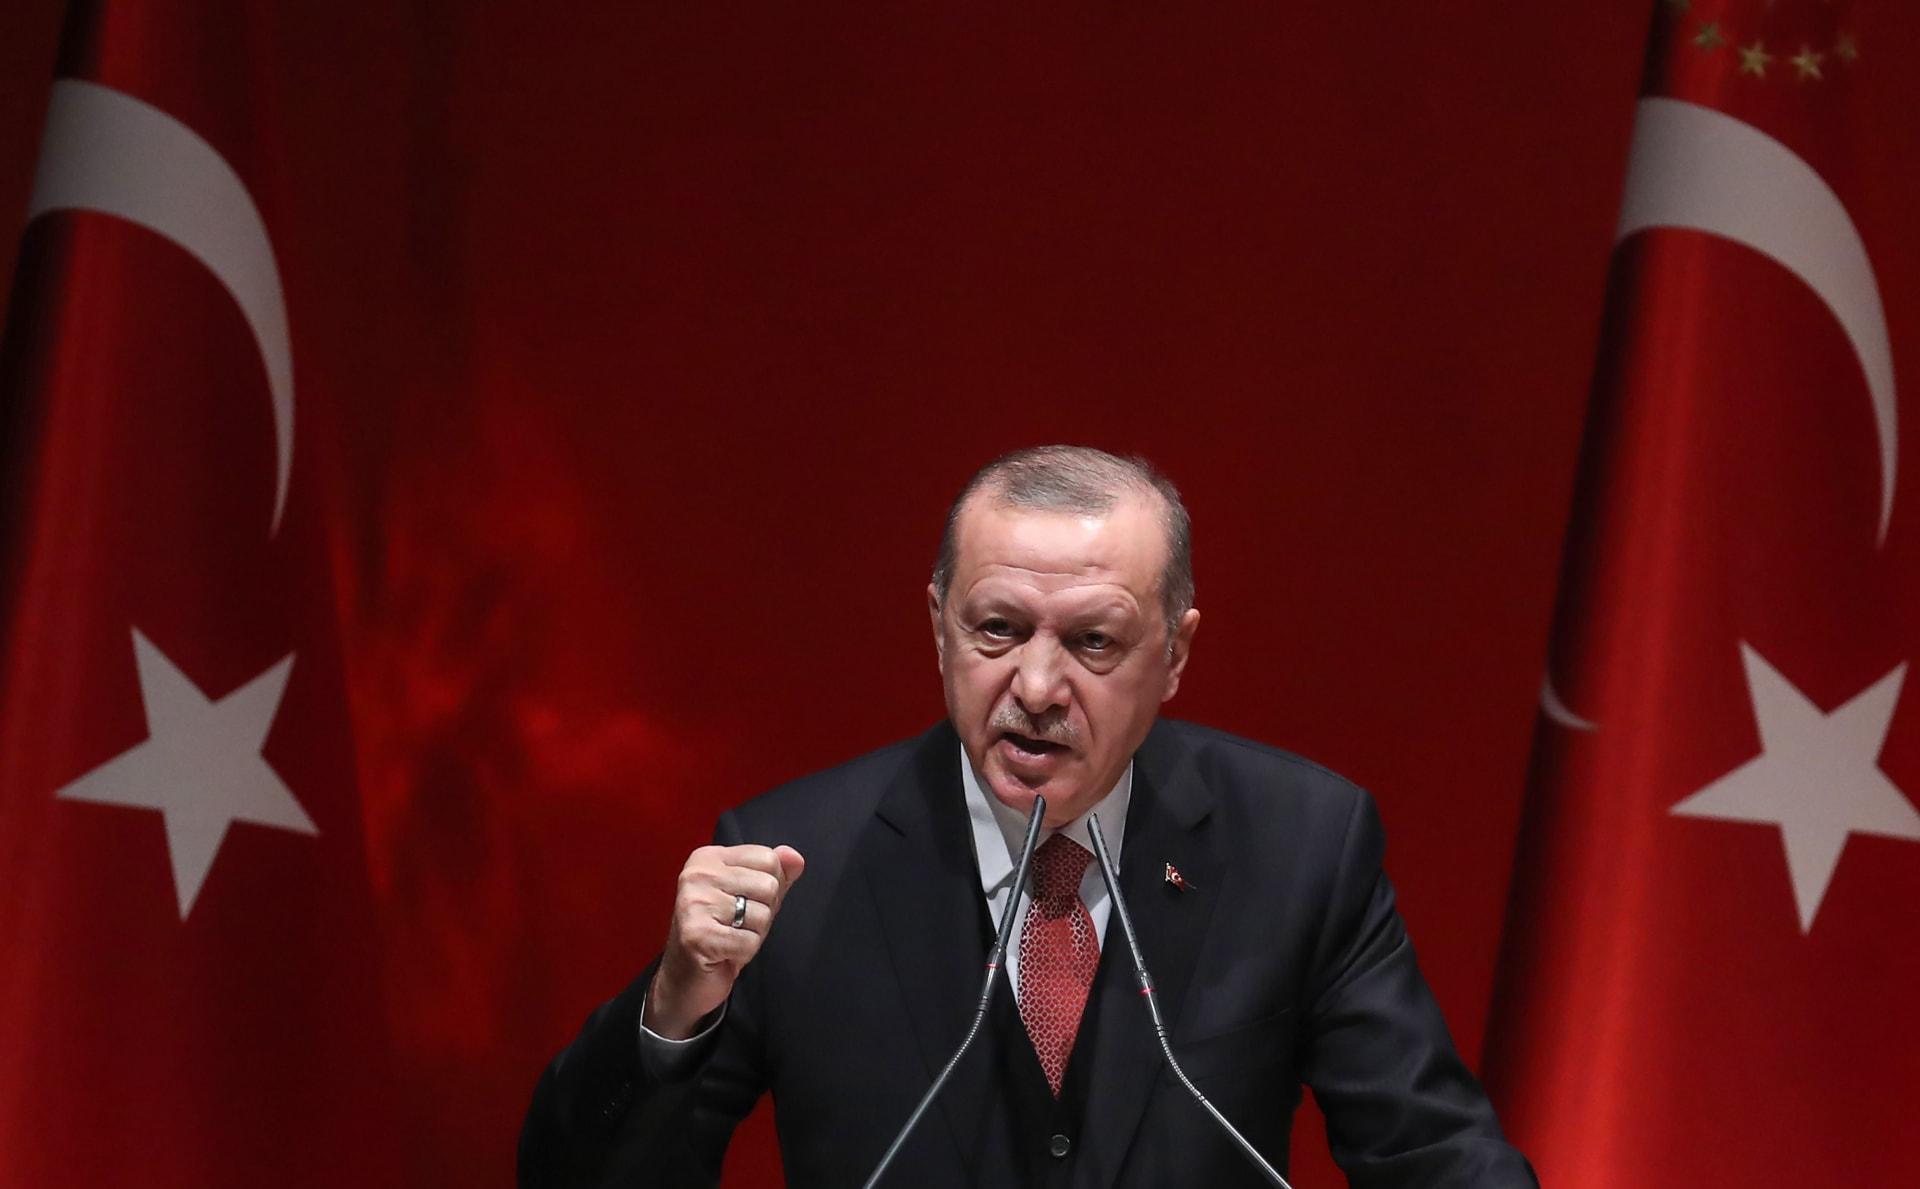 صورة أرشيفية للرئيس التركي، رجب طيب أردوغان